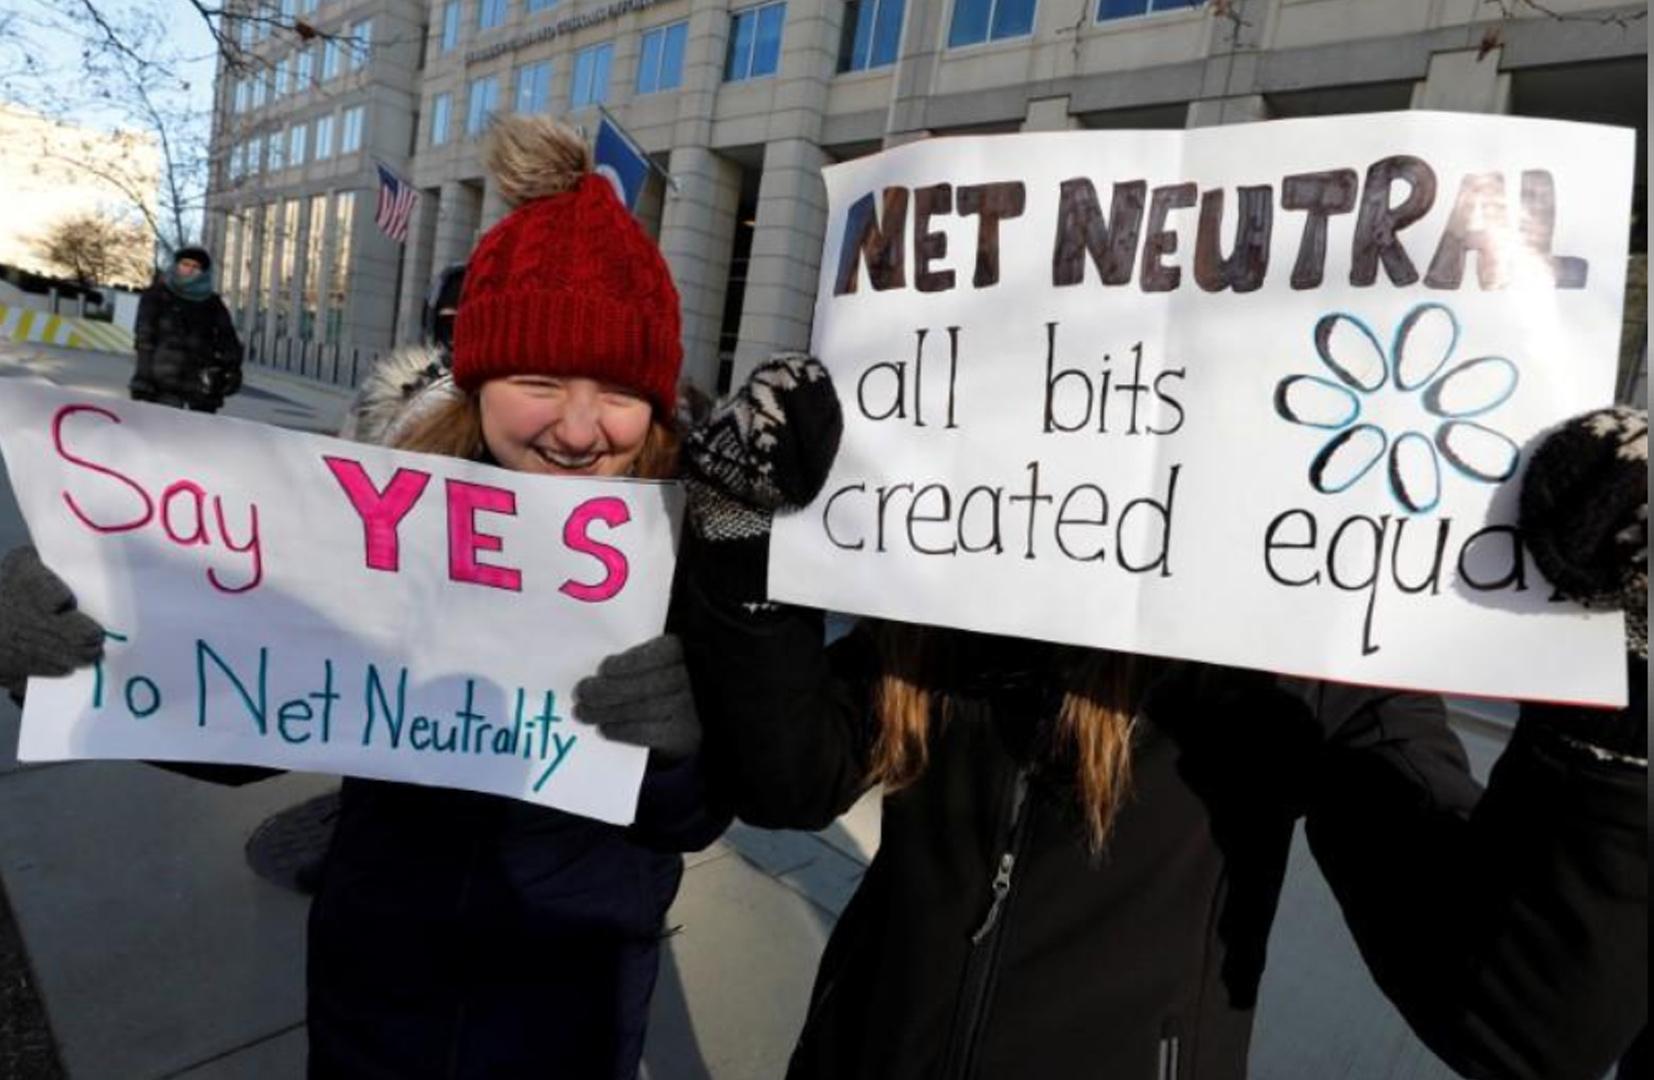 21 tiểu bang khởi kiện nhằm yêu cầu duy trì internet trung lập